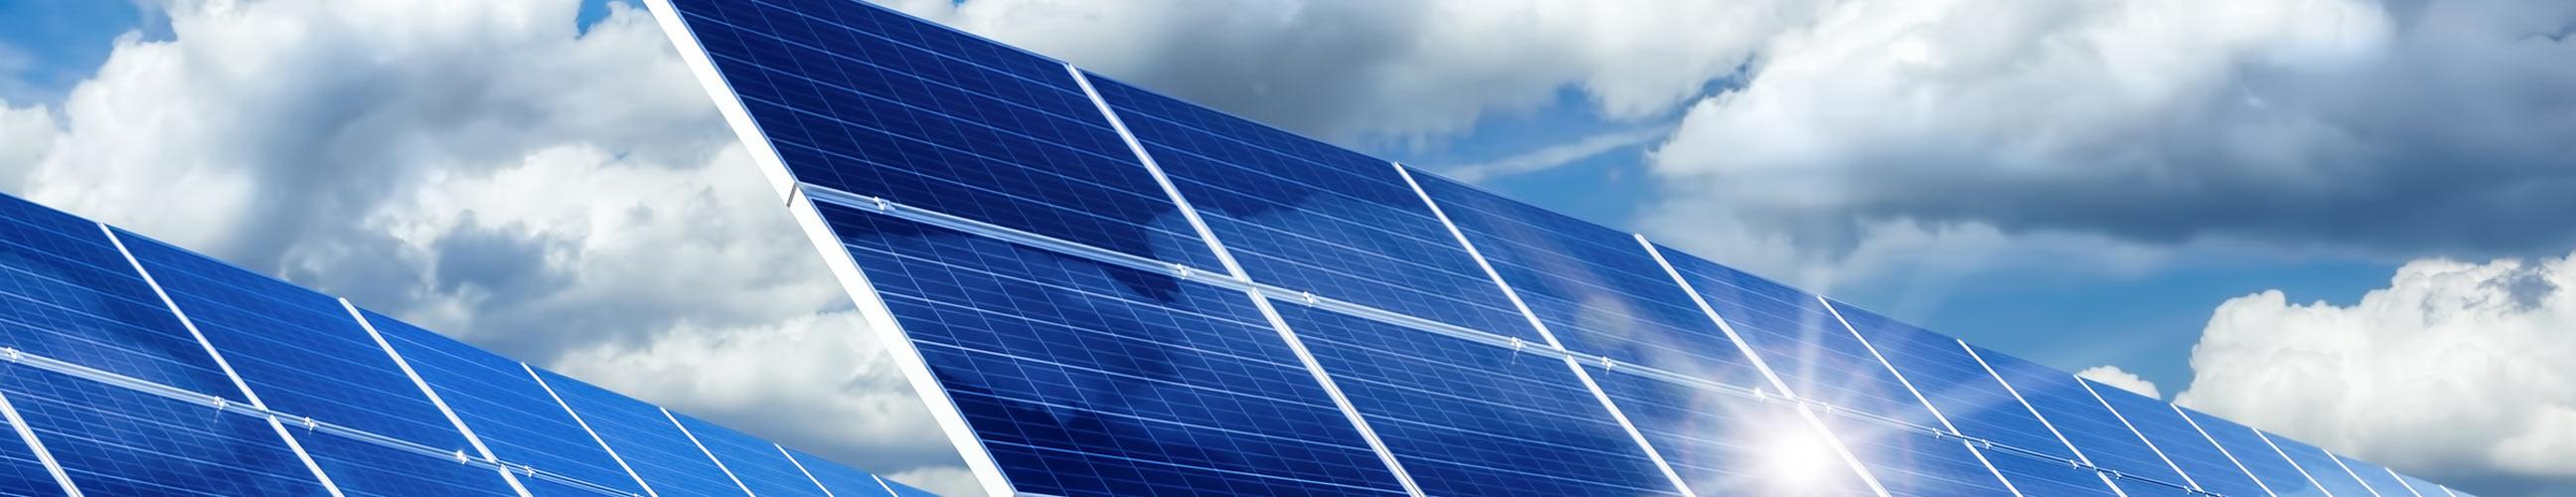 WWS-Leistungen-Slider-photovoltaik2592x500